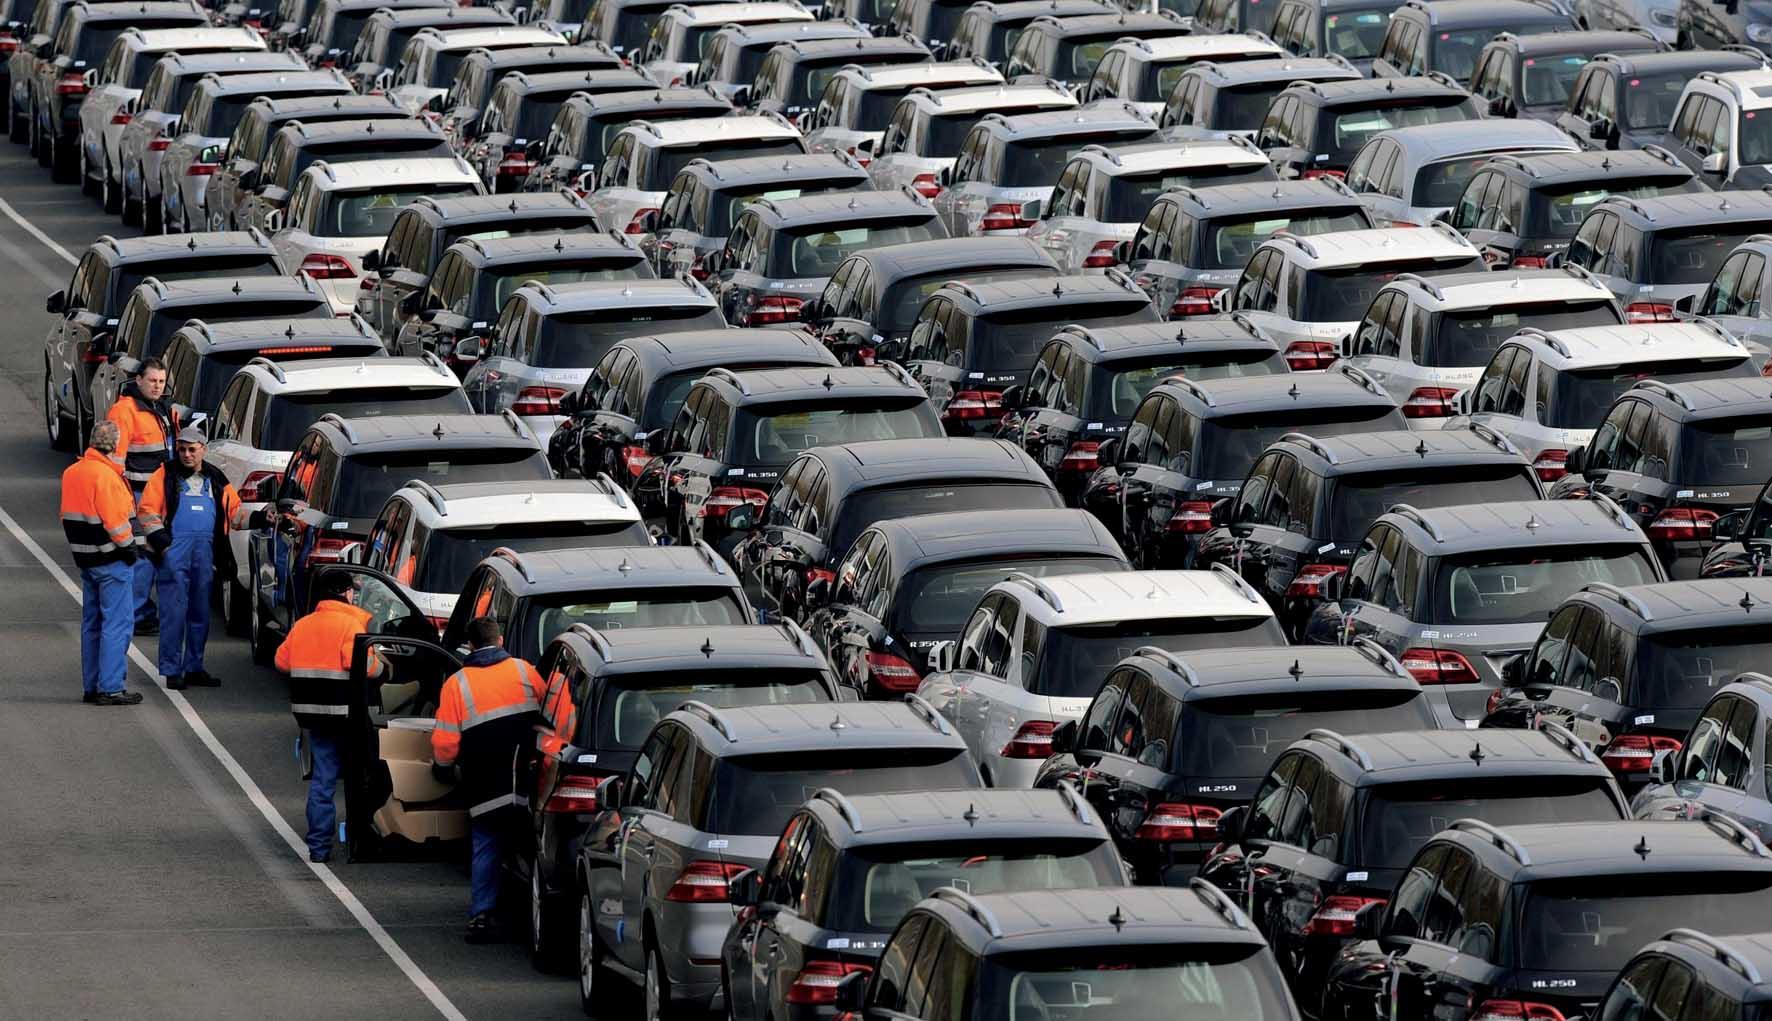 mercato auto autoparco-mercedes-ilnordest